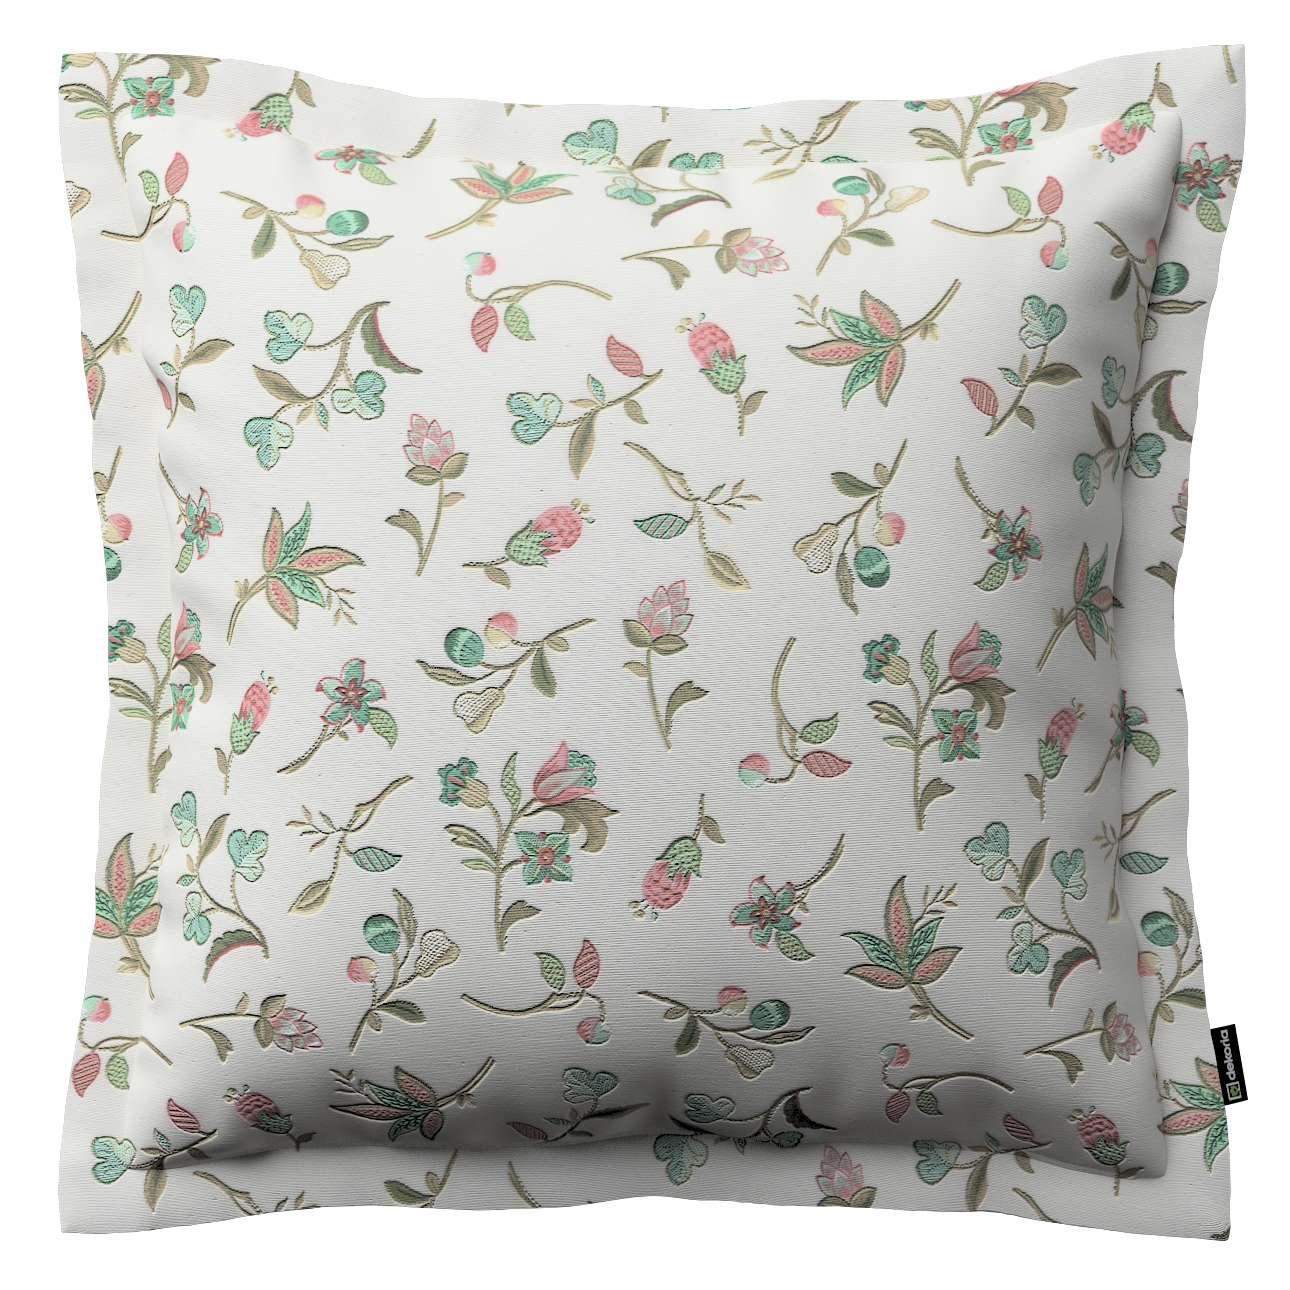 Mona dekoratyvinių pagalvėlių užvalkalas su sienele 38 x 38 cm kolekcijoje Londres, audinys: 122-02